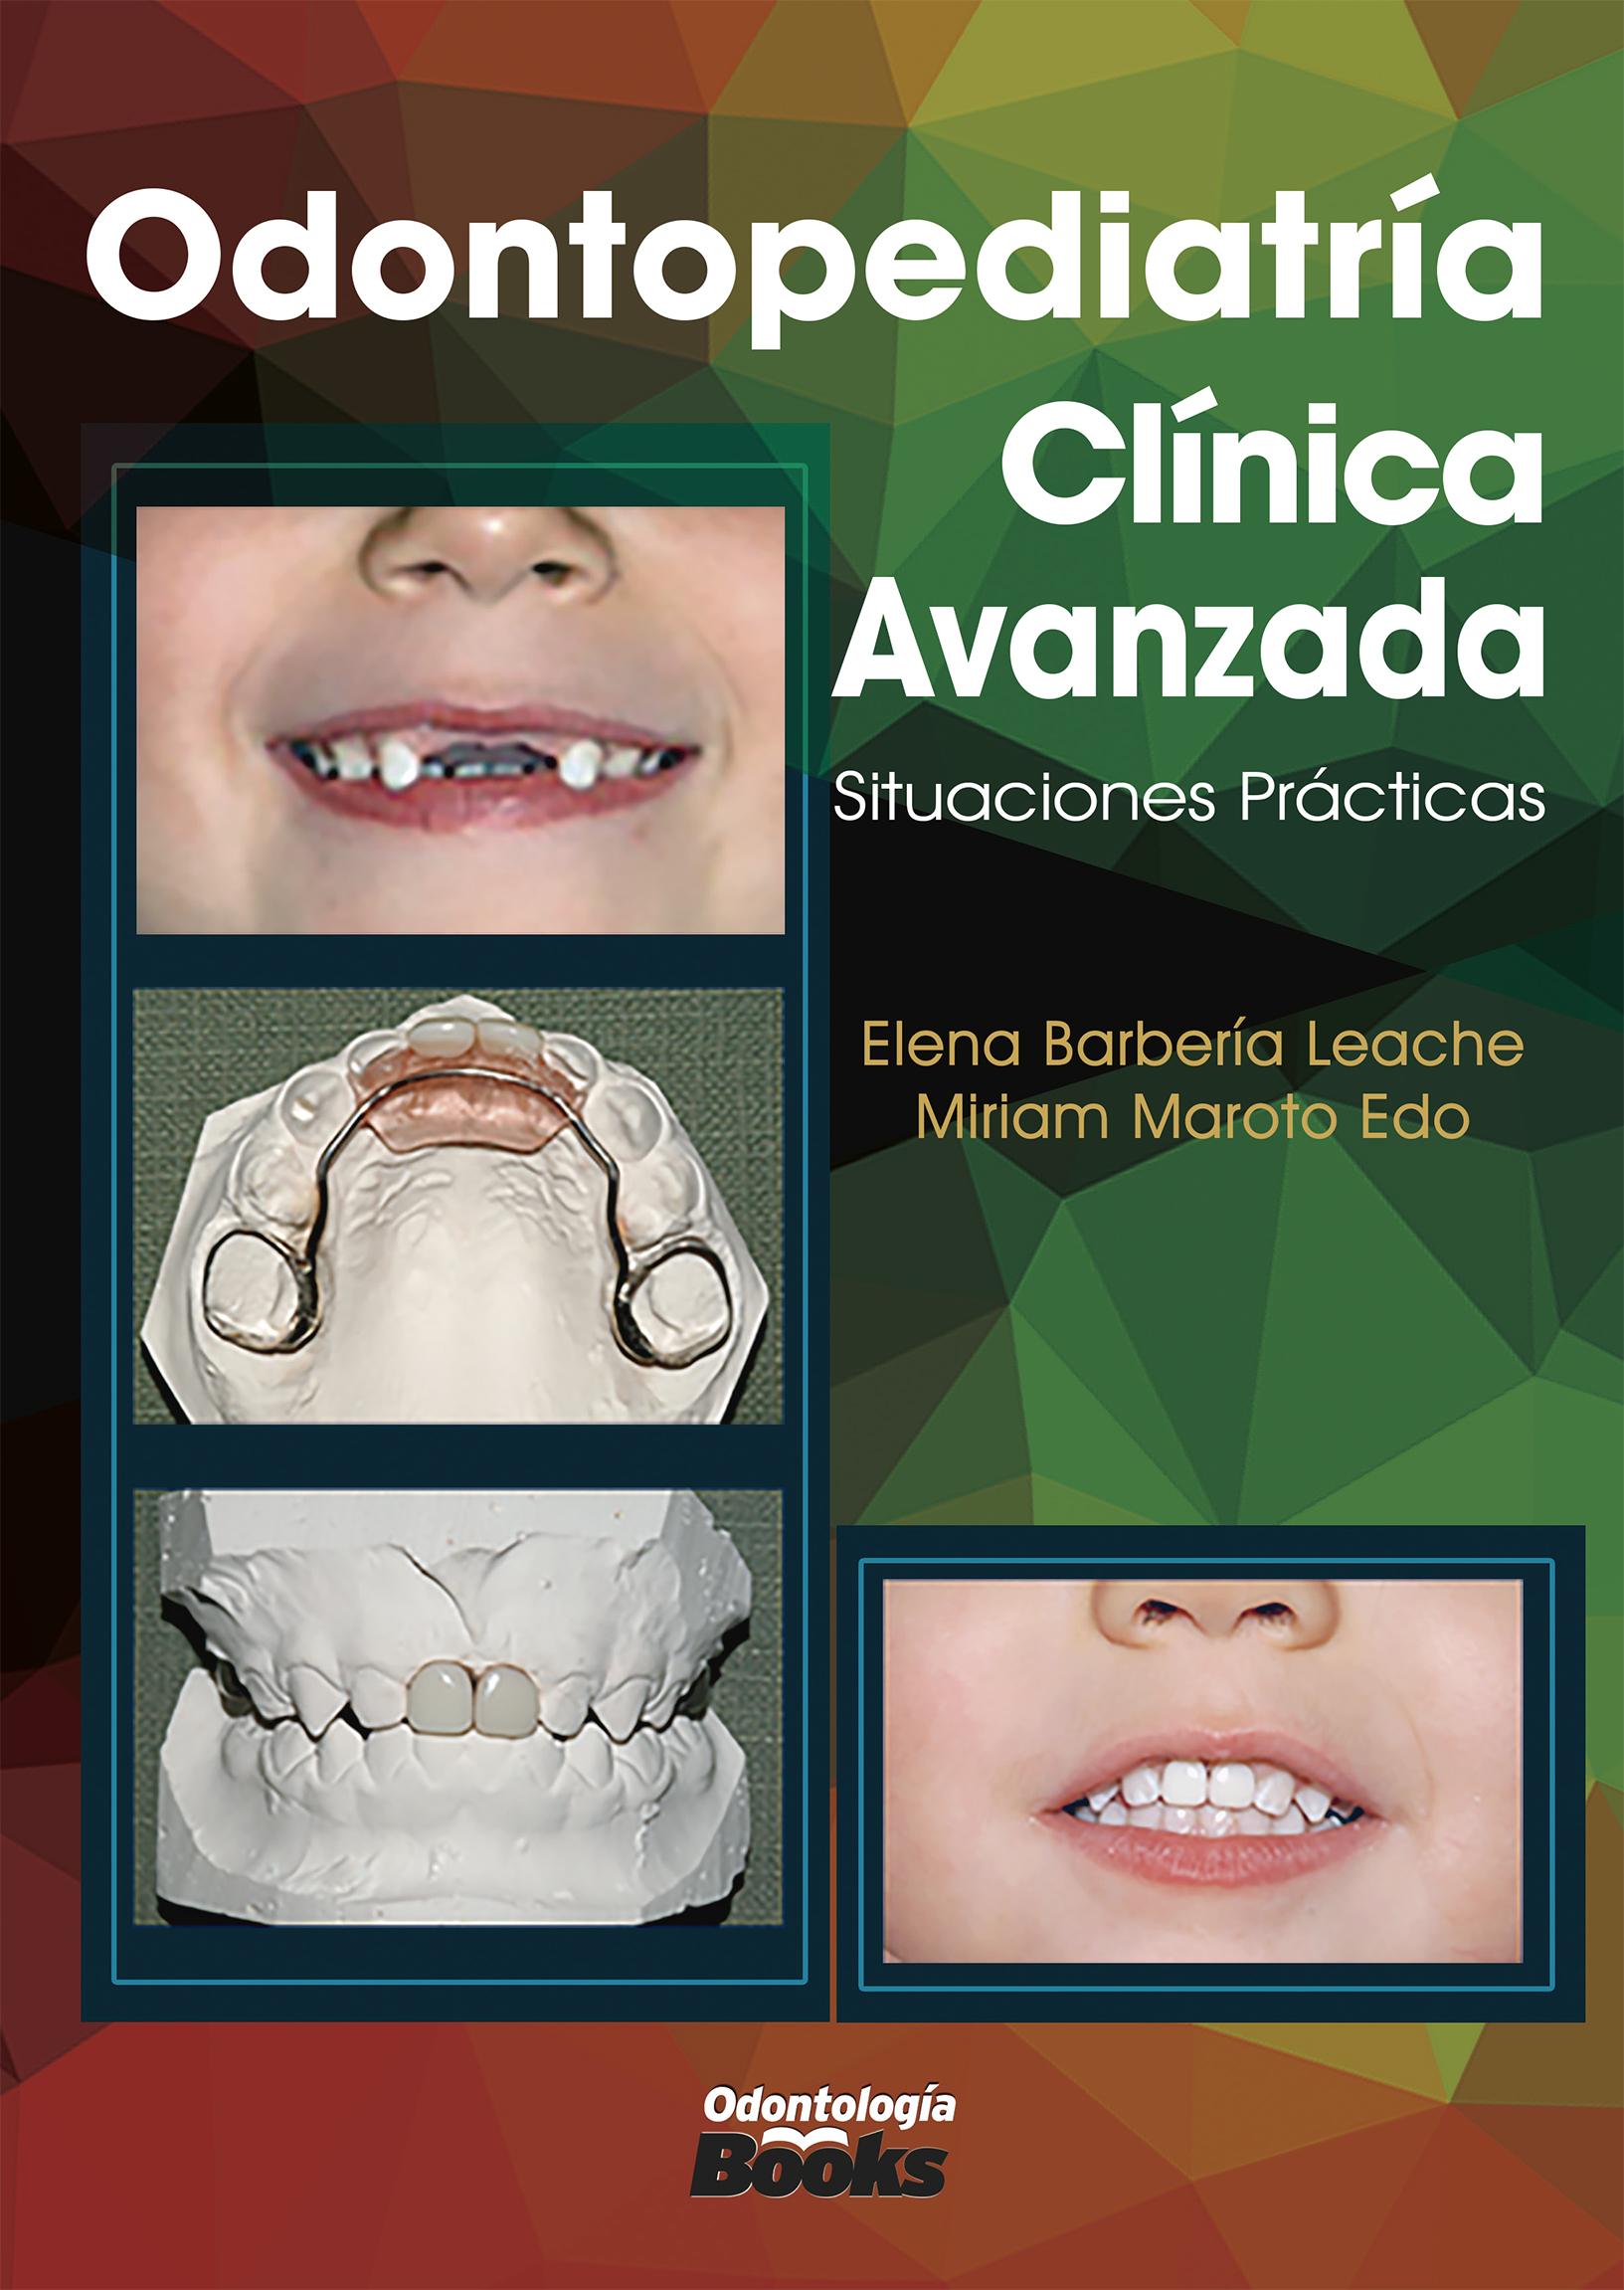 Odontopediatría clínica avanzada. Situaciones prácticas-